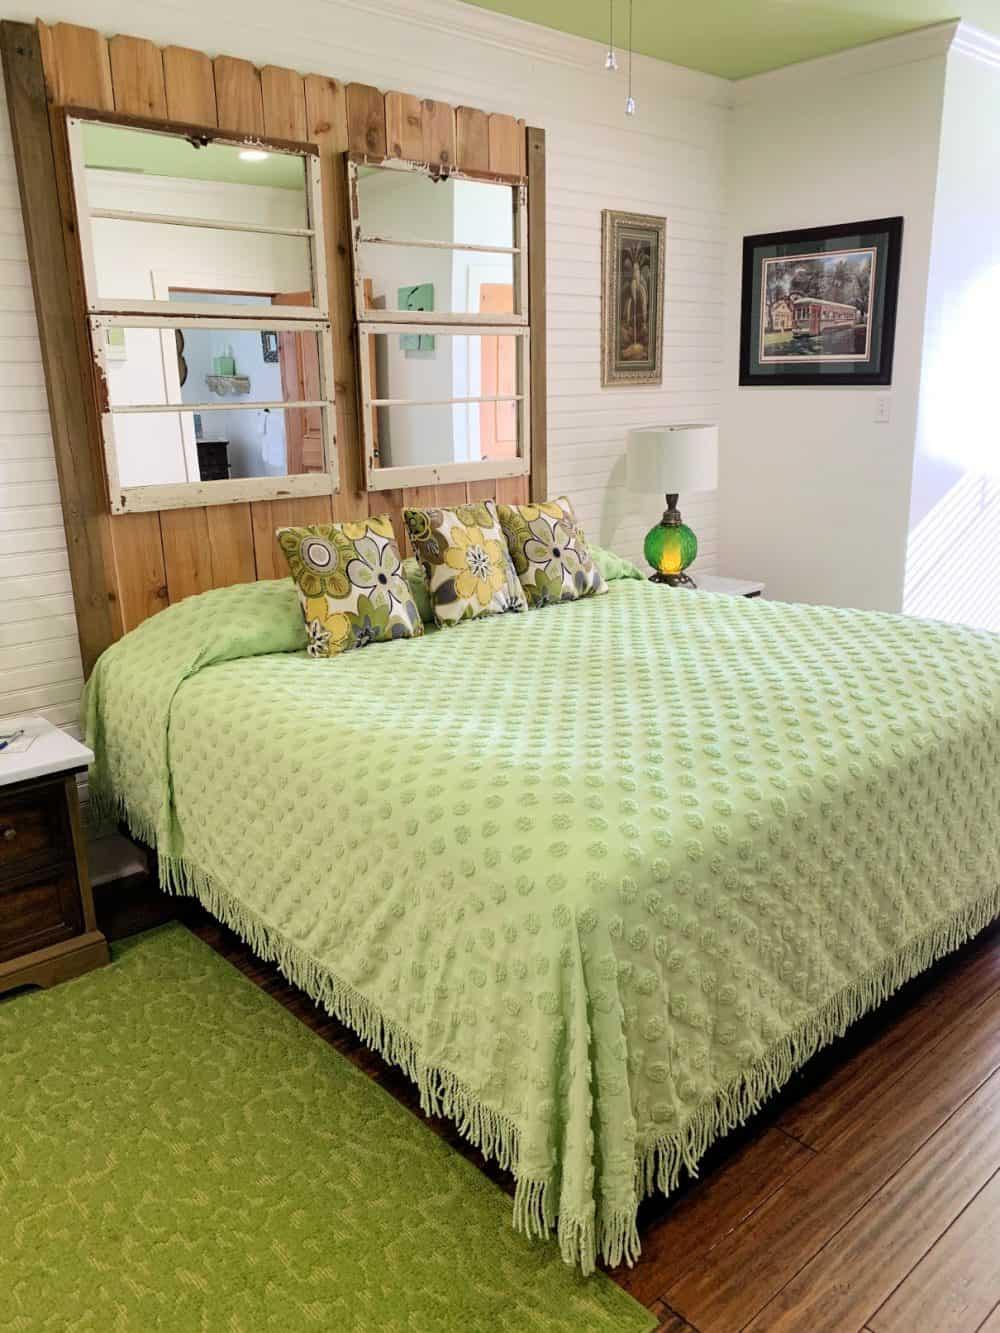 The Vert Room at de la Bleau bed and breakfast